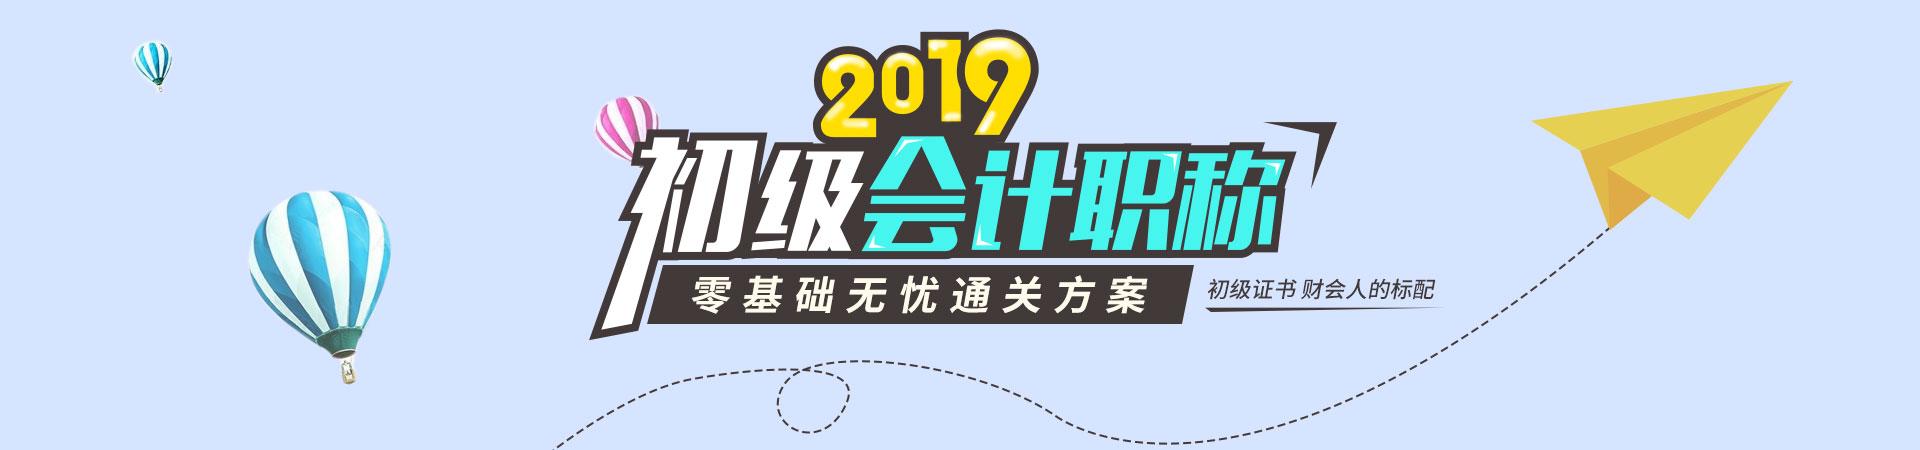 中华会计网中级会计师考试